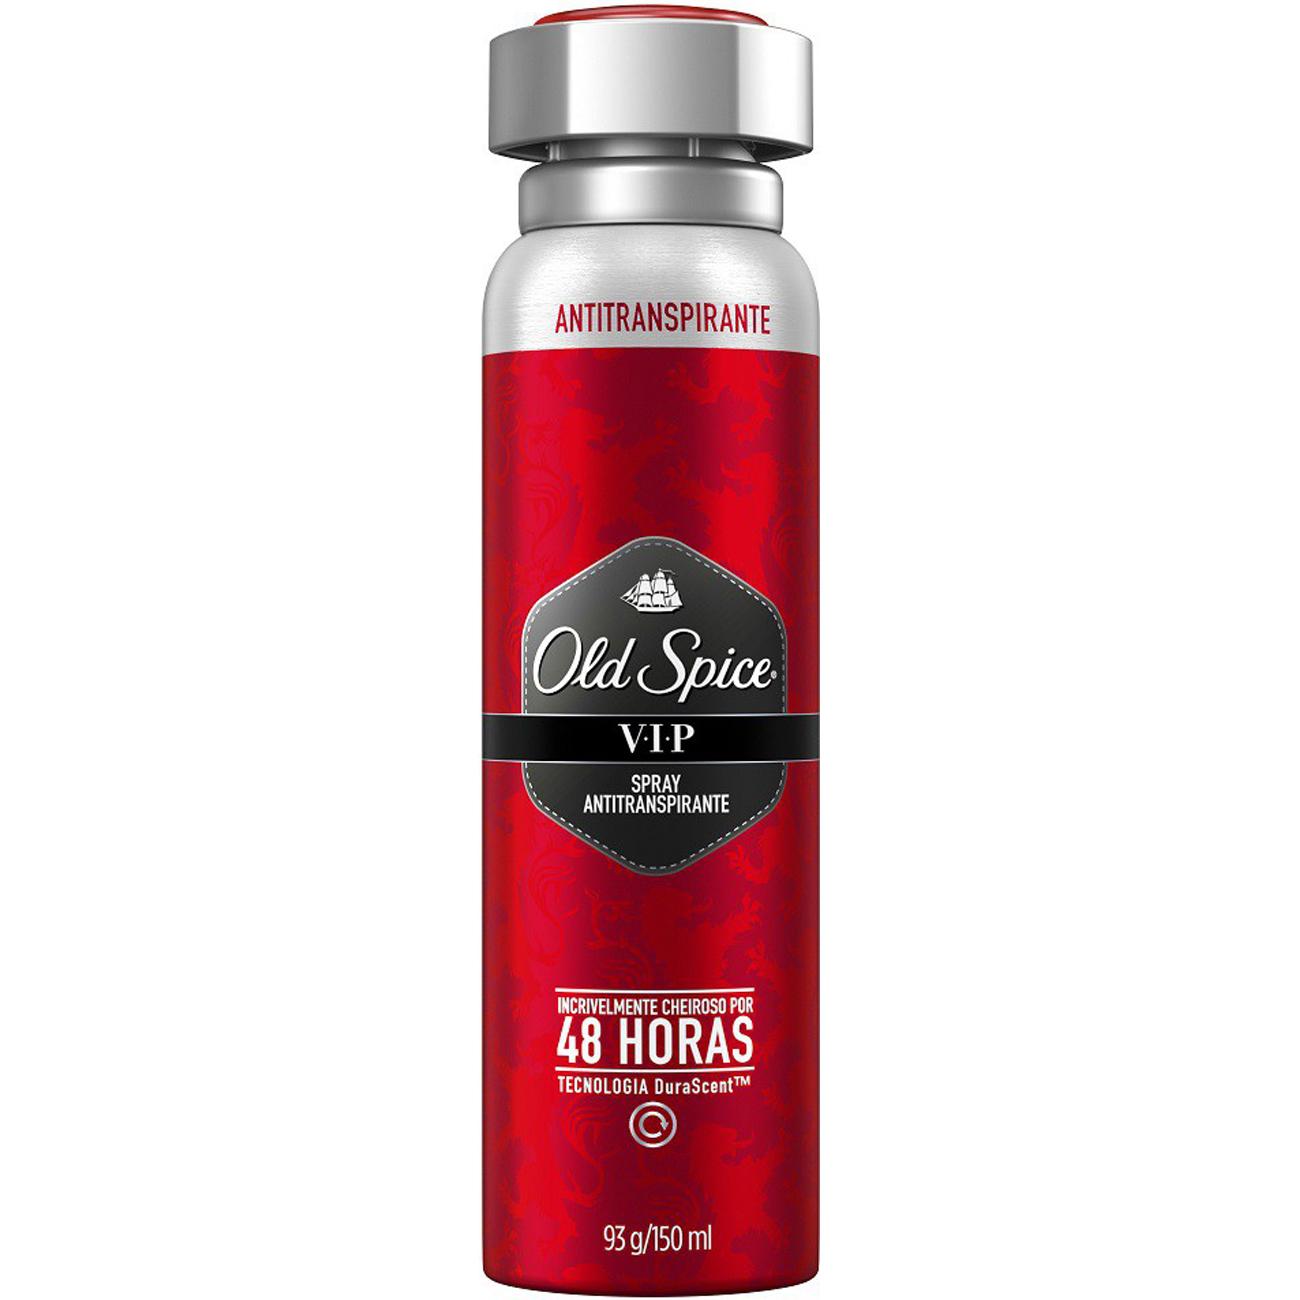 Desodorante Old Spice Aero 93G Vip